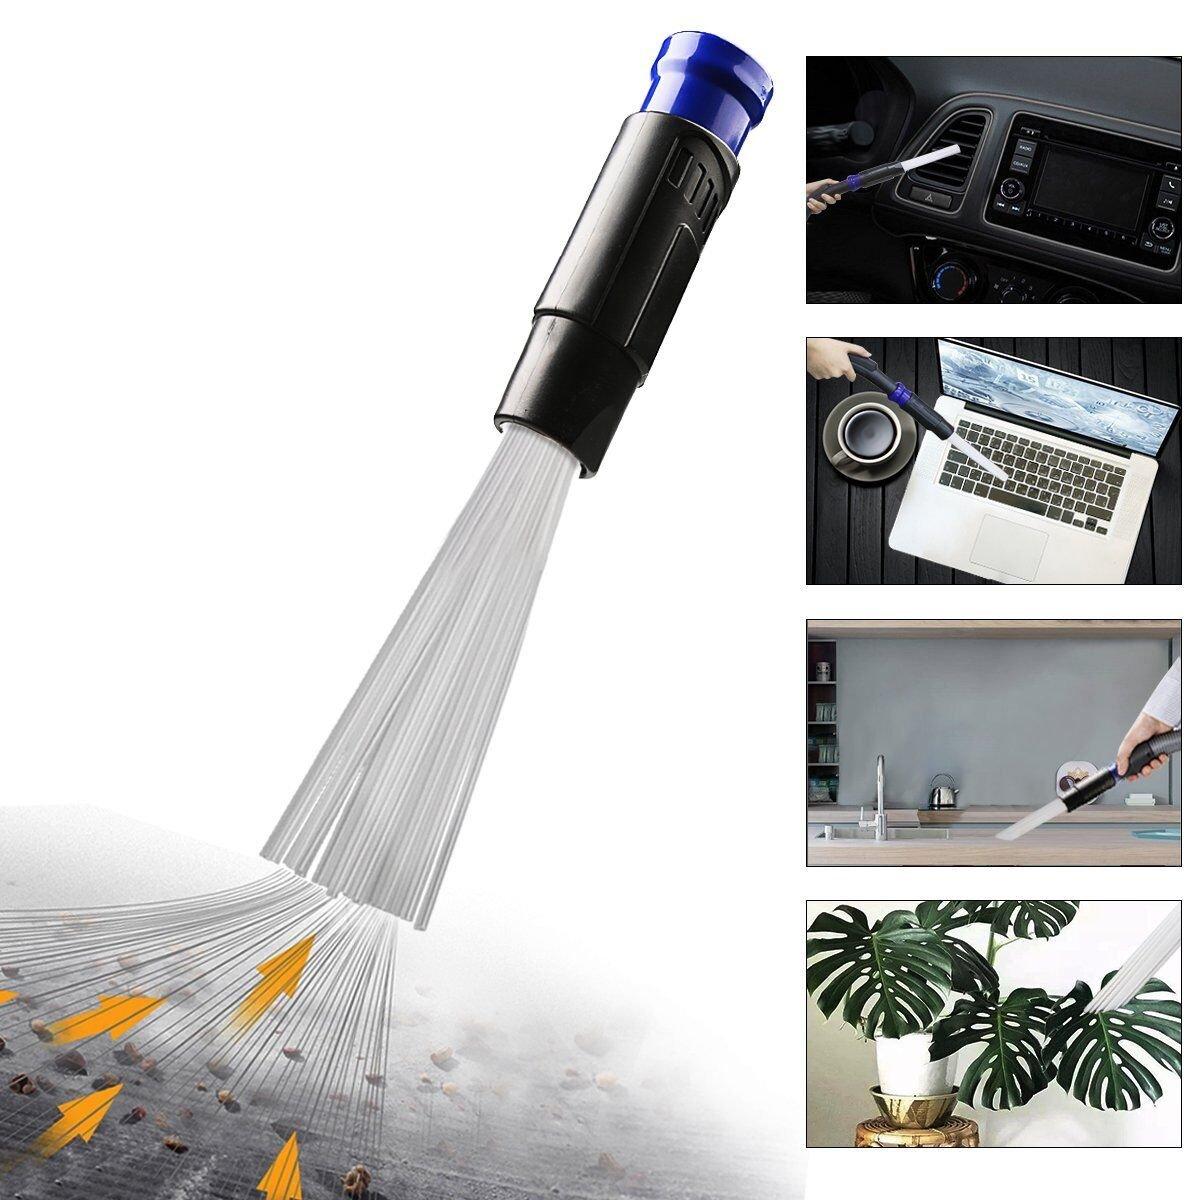 Cepillo para el polvo Durst Bürste, con conector para aspiradora ...